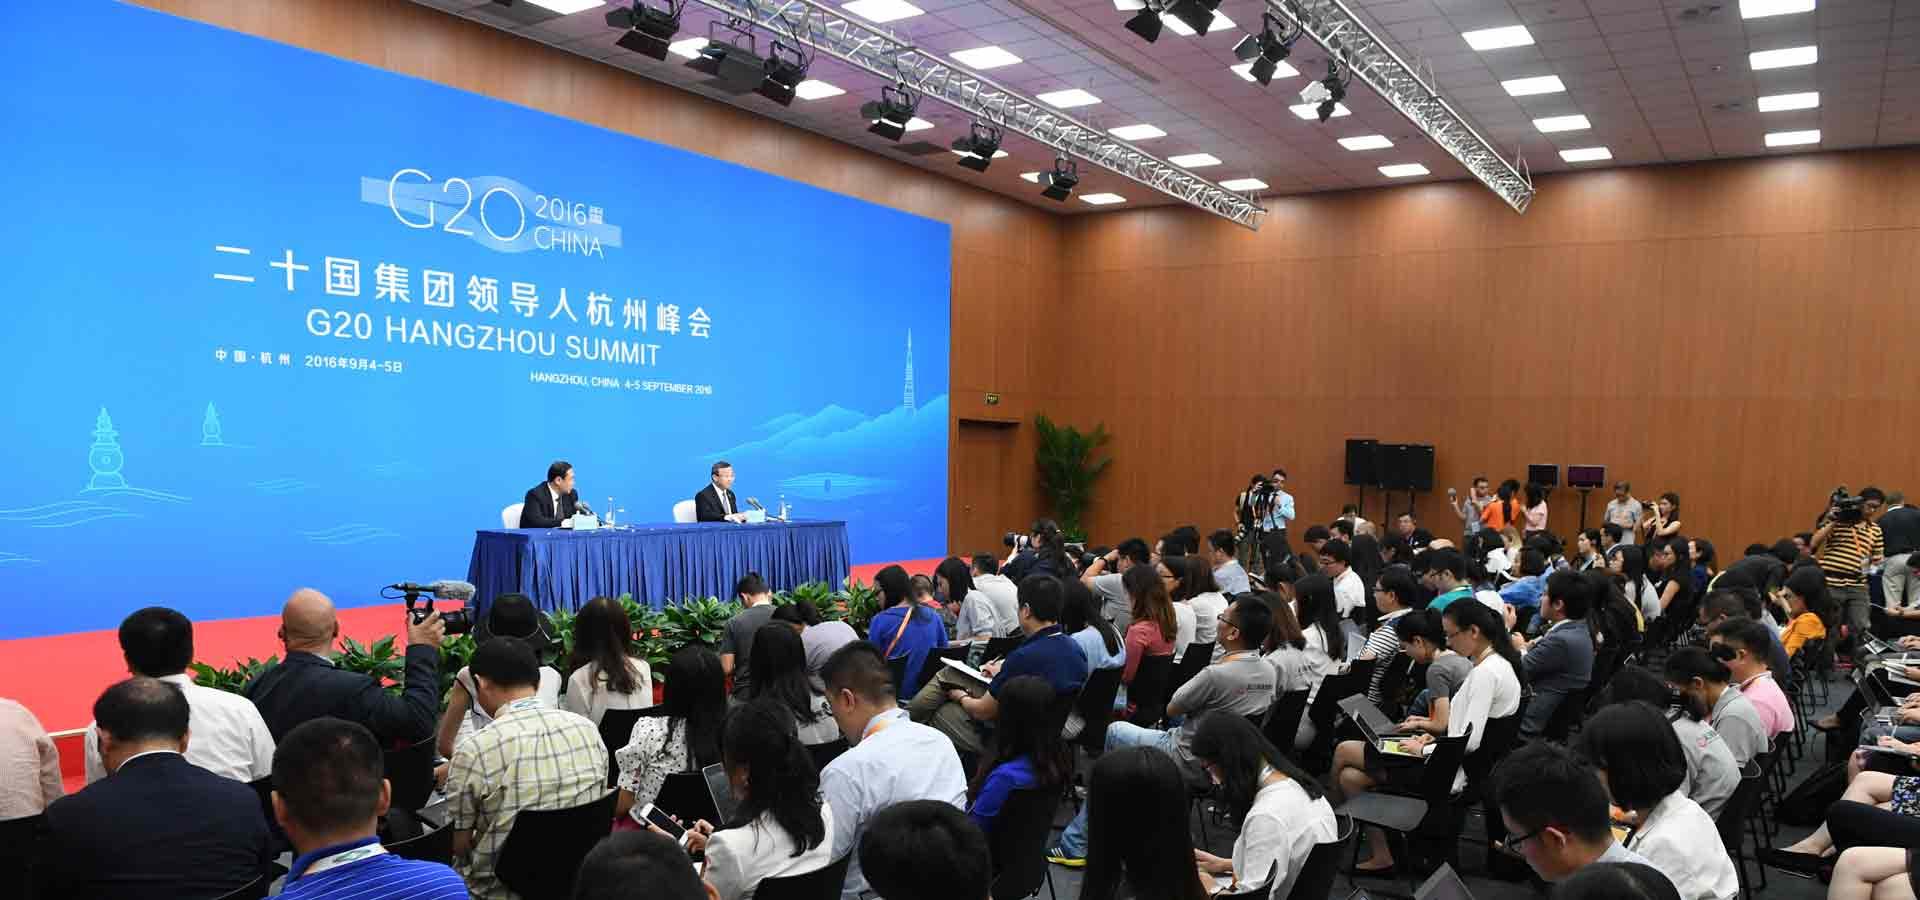 中國代表團商務部副部長王受文舉行新聞發布會